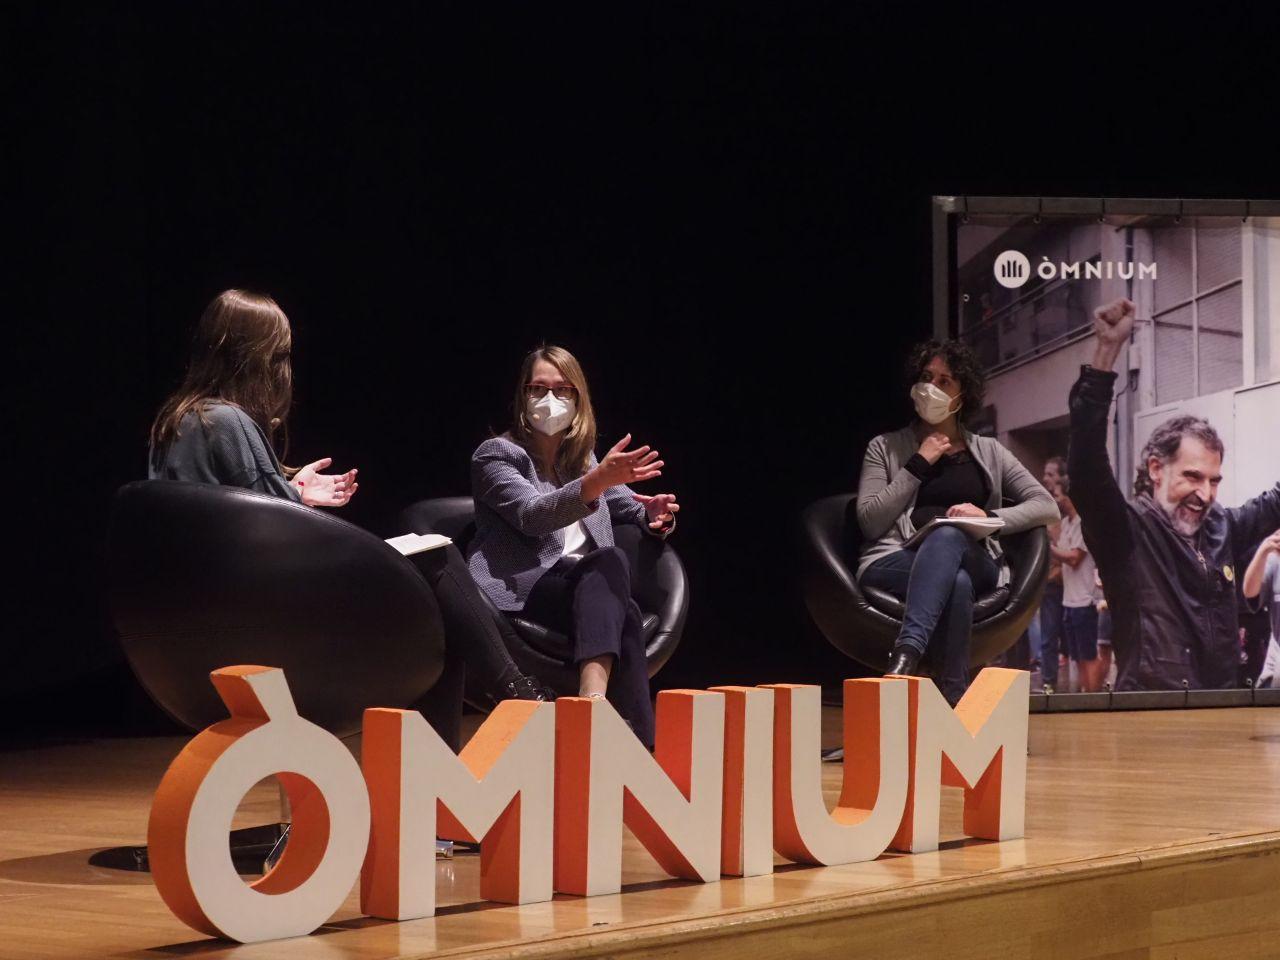 Una imatge del debat moderat per Laura Aznar amb Marina Roig, Laura Serra i Ana?s Franquesa/Dani Codina (?mnium)